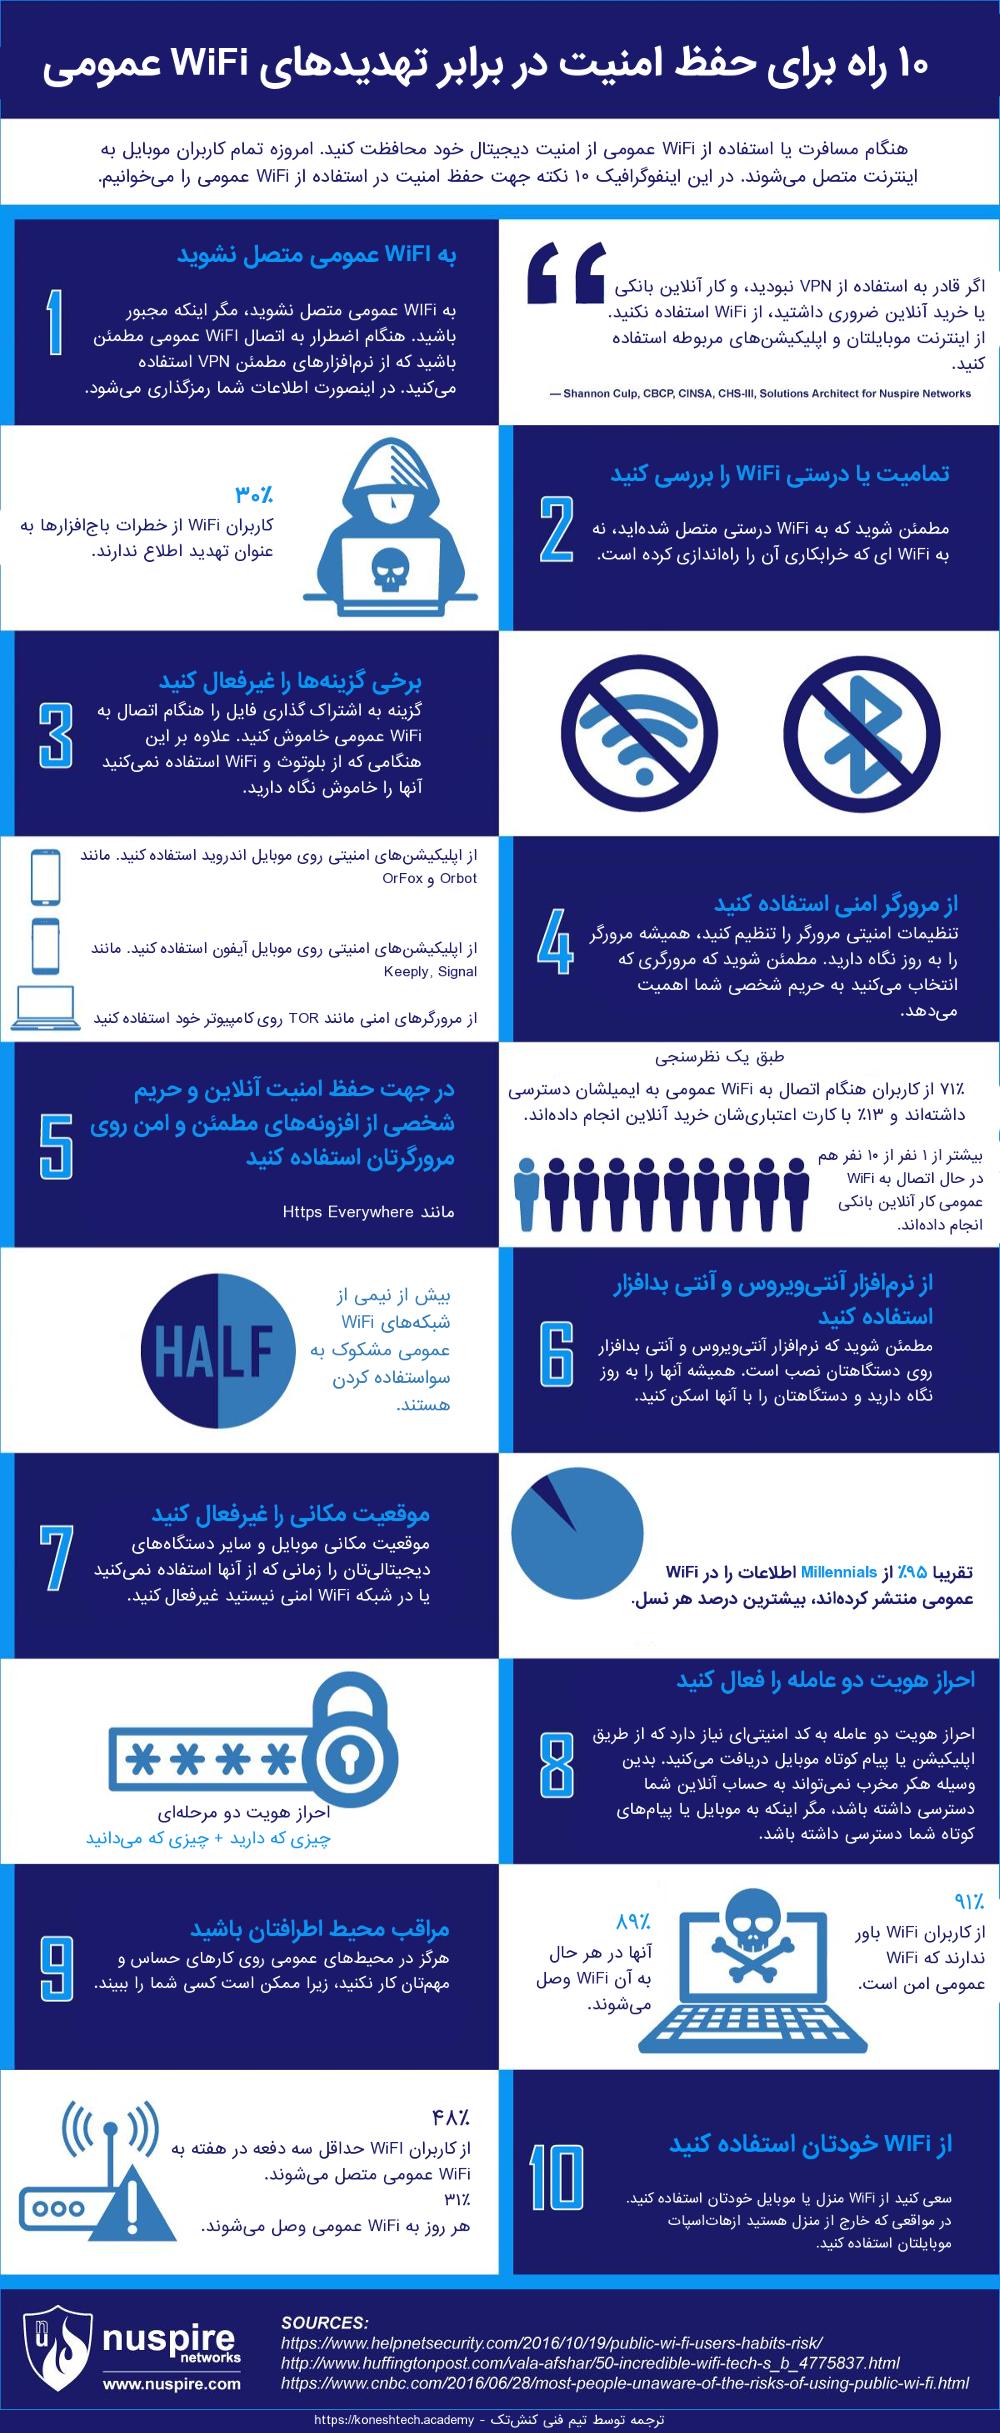 ۱۰ نکته حفظ امنیت در WiFi عمومی